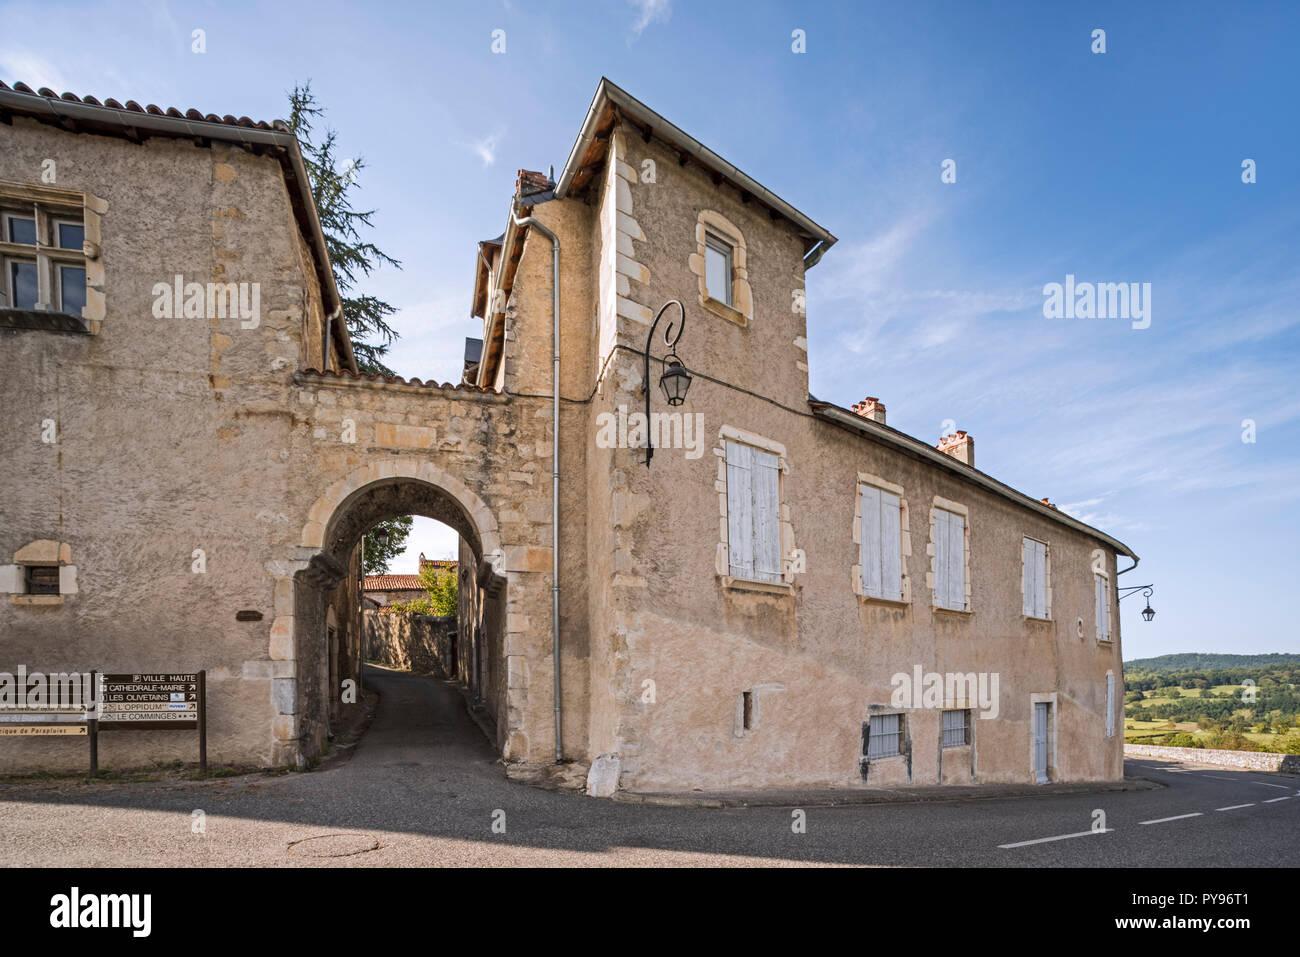 The medieval town gate Porte Cabirole in the village Saint-Bertrand-de-Comminges, Haute-Garonne, Pyrenees, France - Stock Image